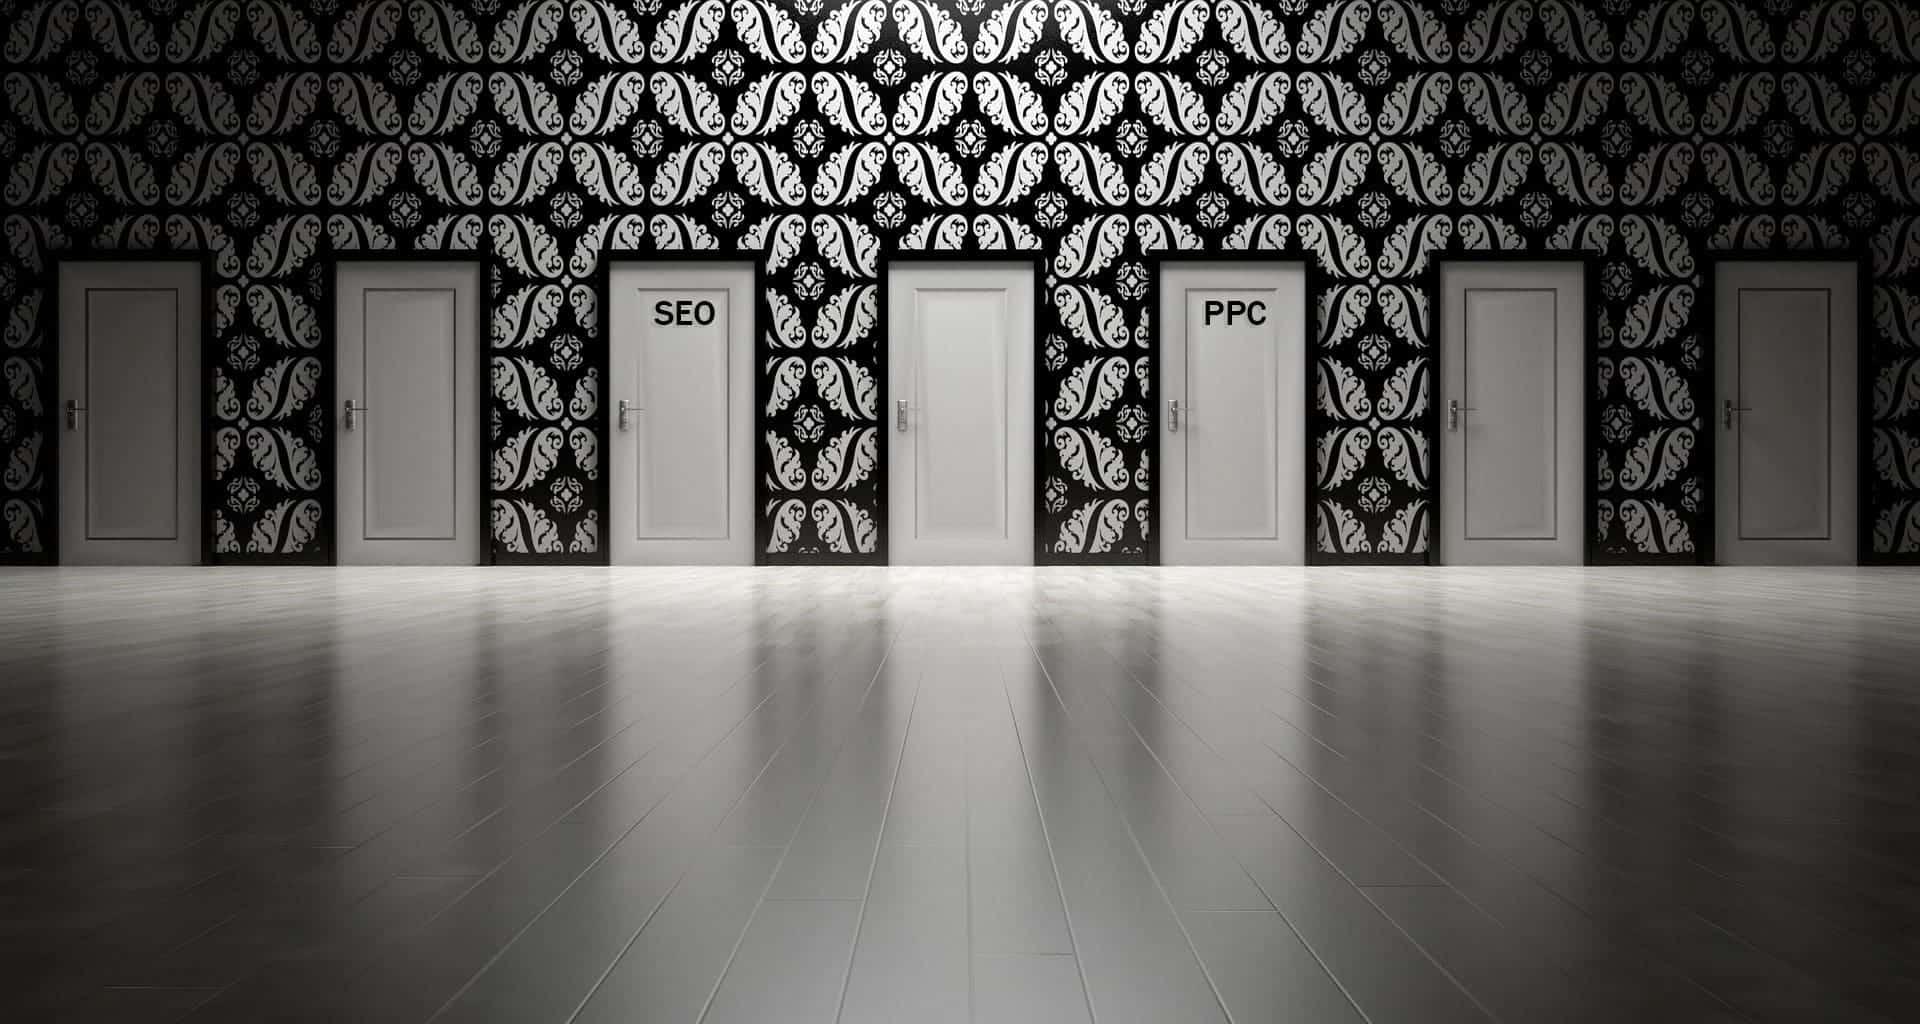 SEO vagy PPC: Melyiket válaszd ha nincs pénz mindkettőre?